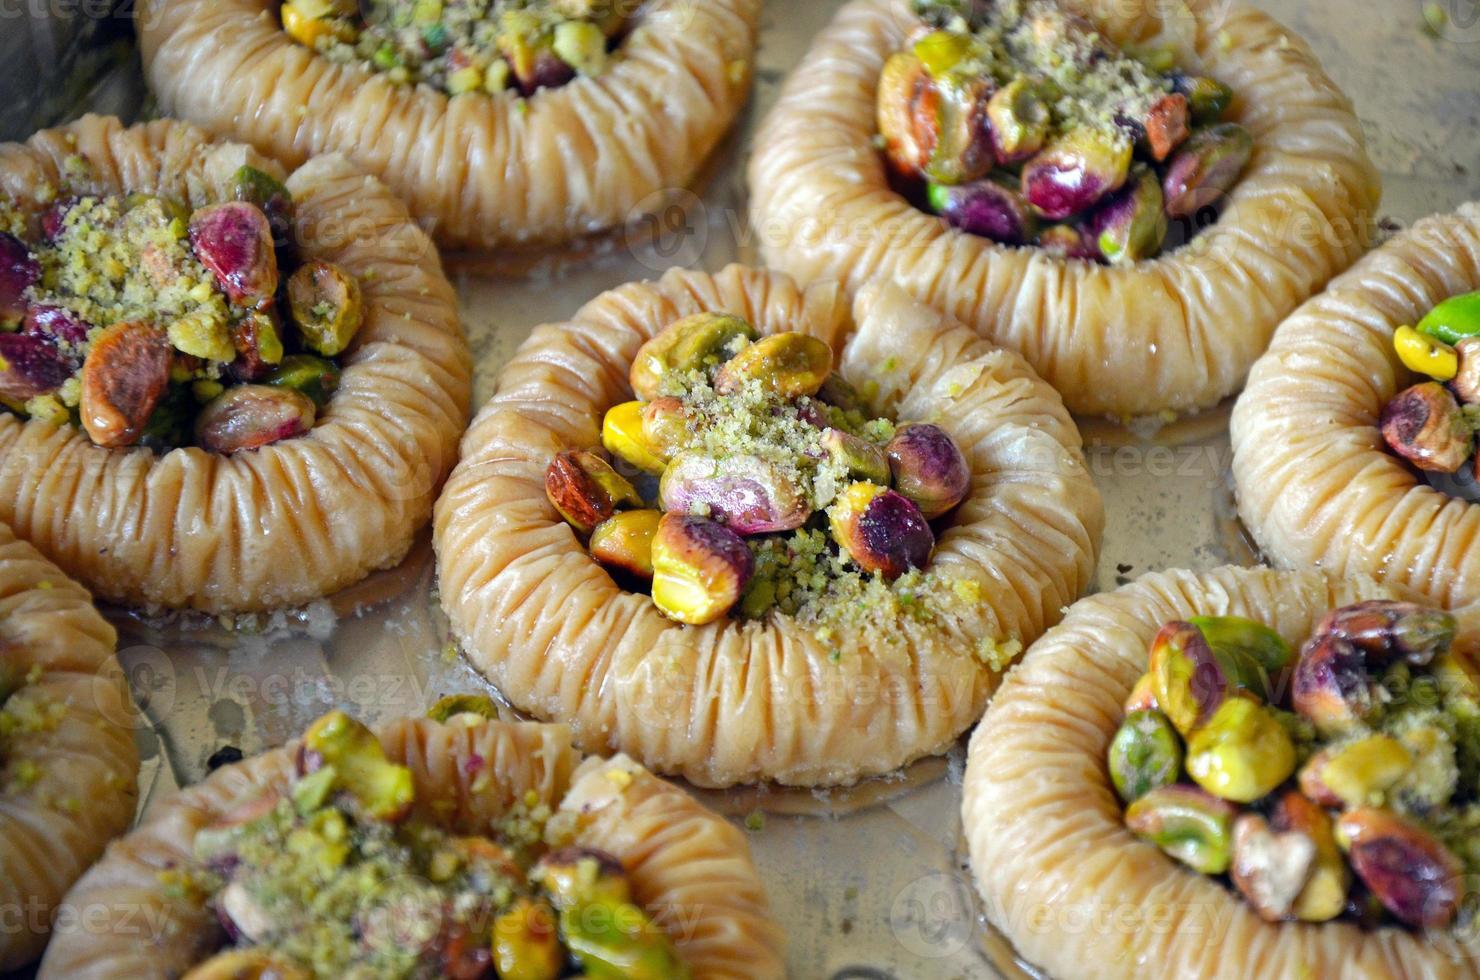 pastelaria baklava acabada de fazer foto